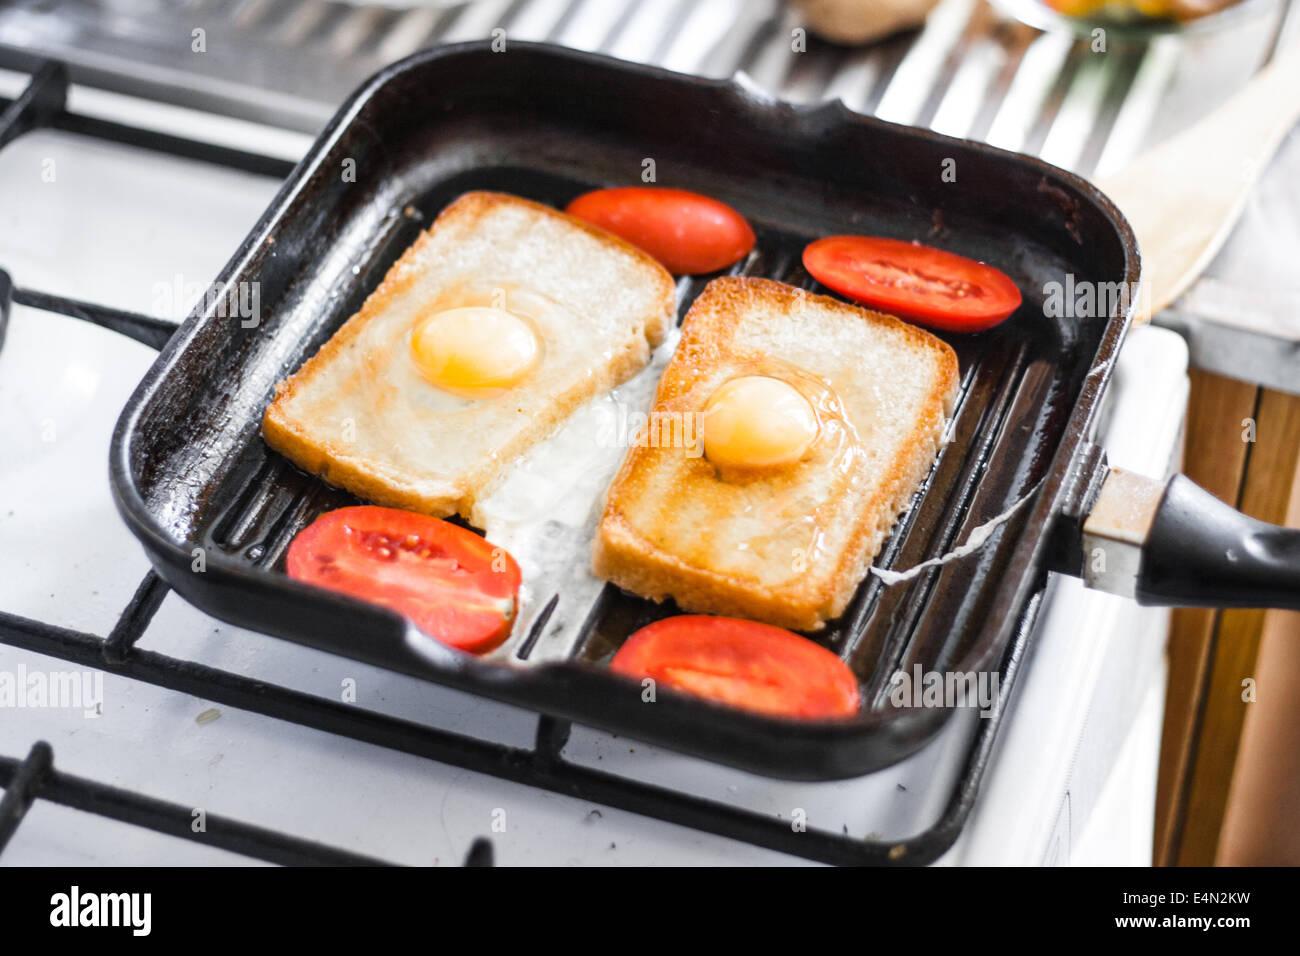 Huevo frito en una sartén Imagen De Stock